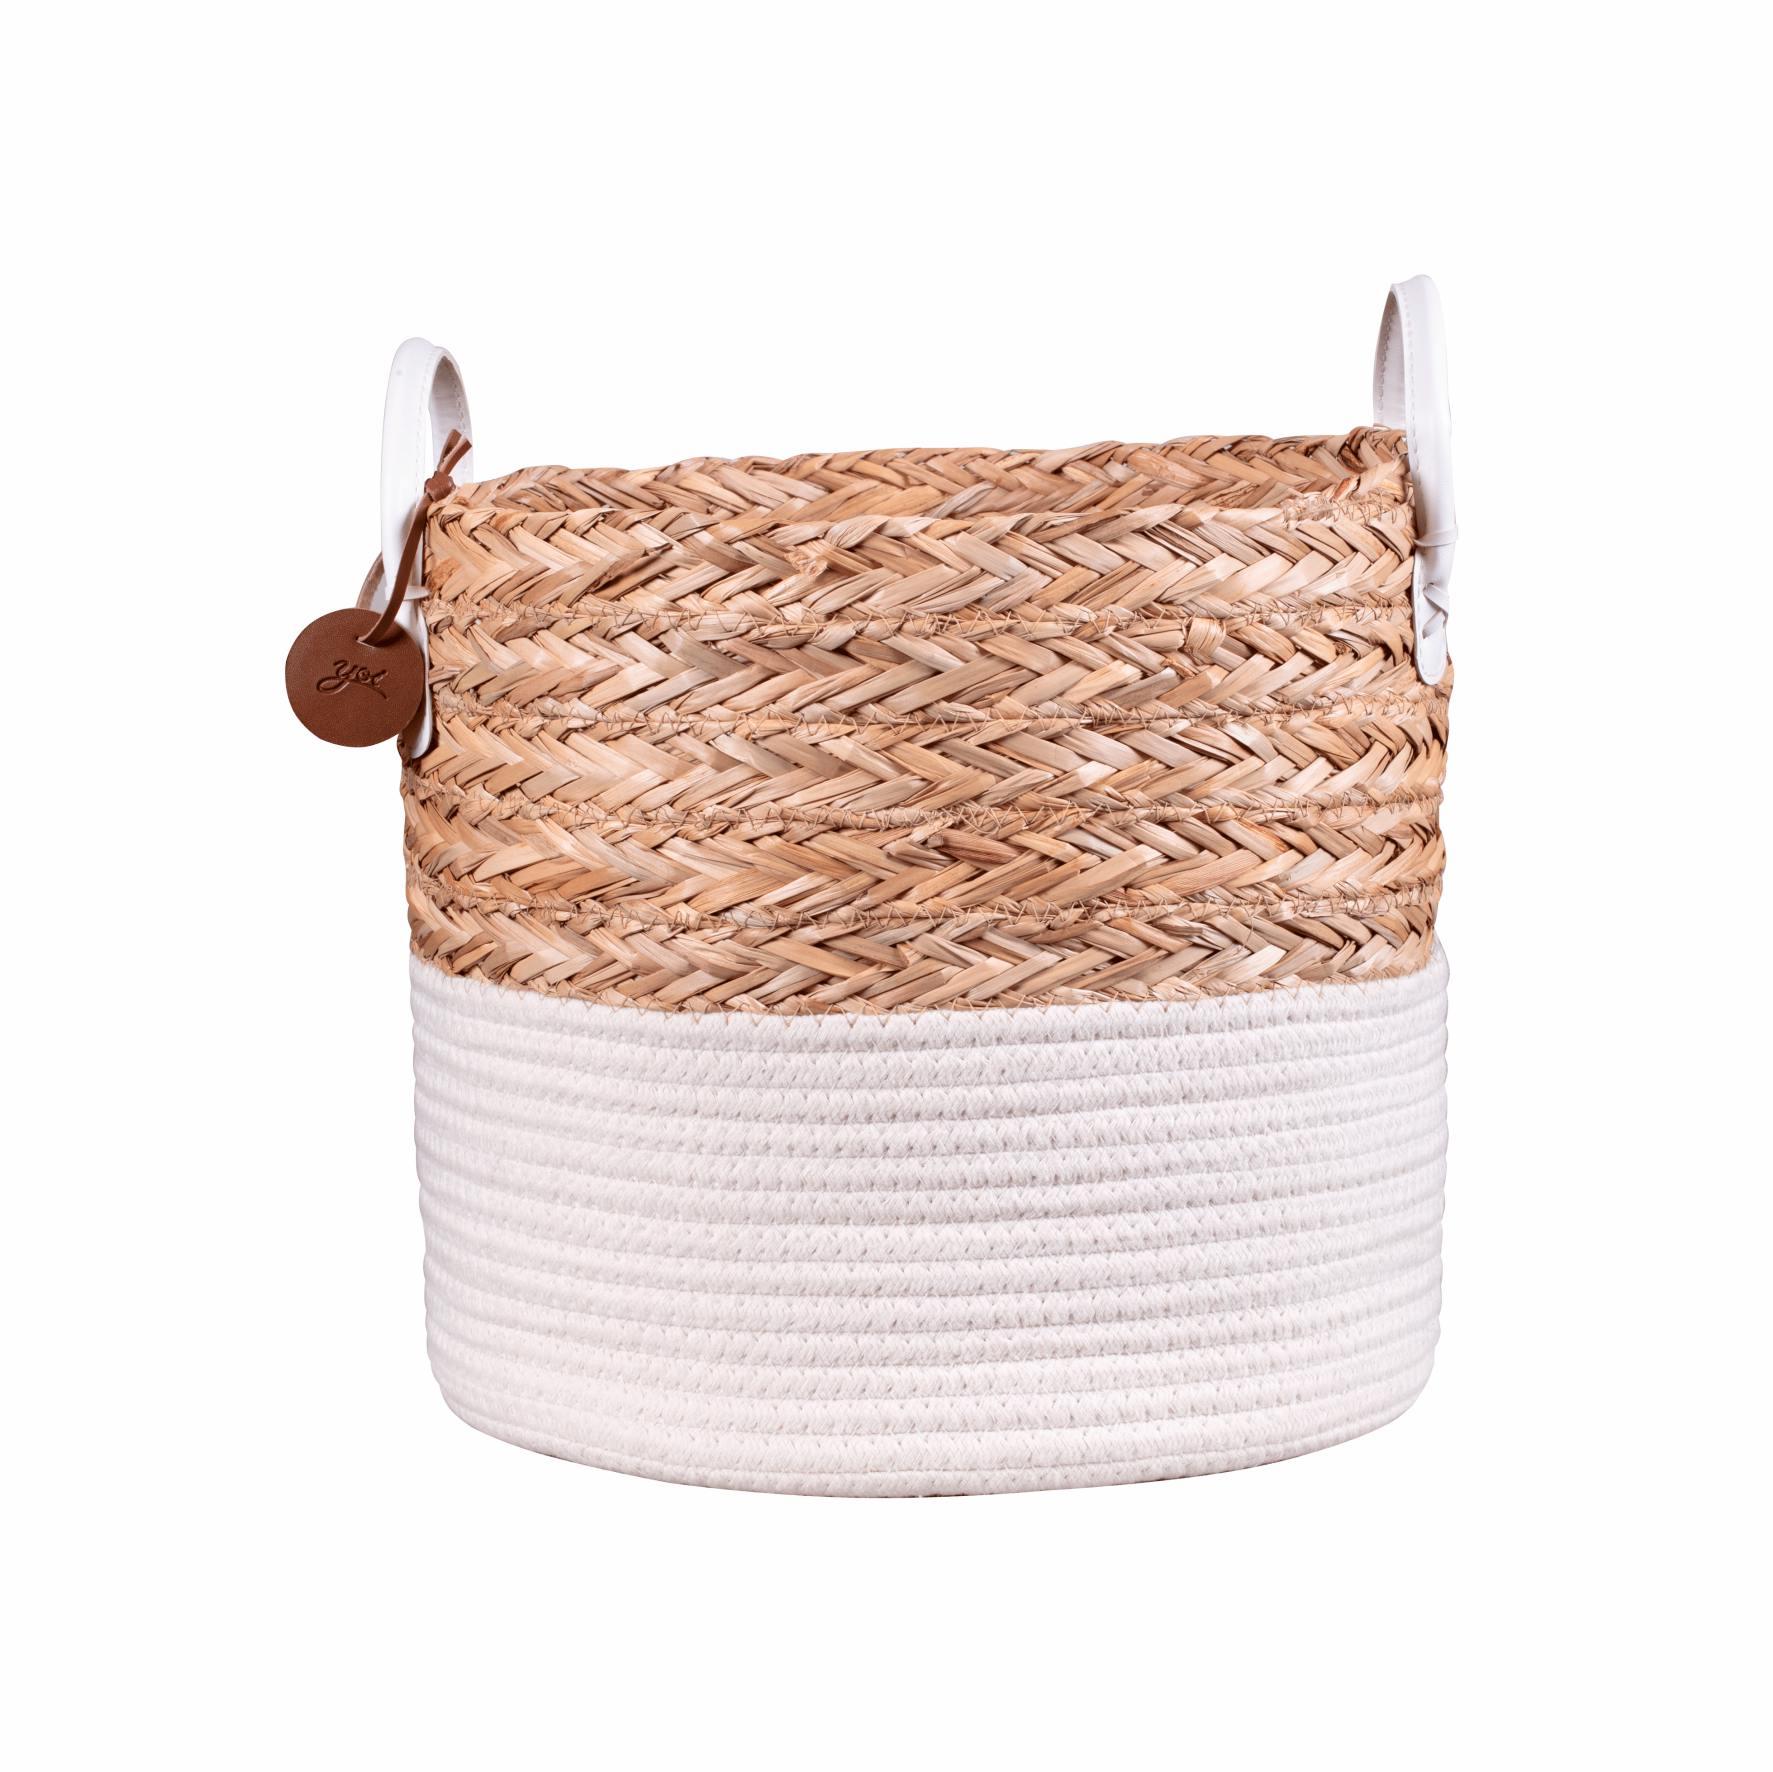 Cesto de Corda Seagrass com Algodão 27cm P – Yoi